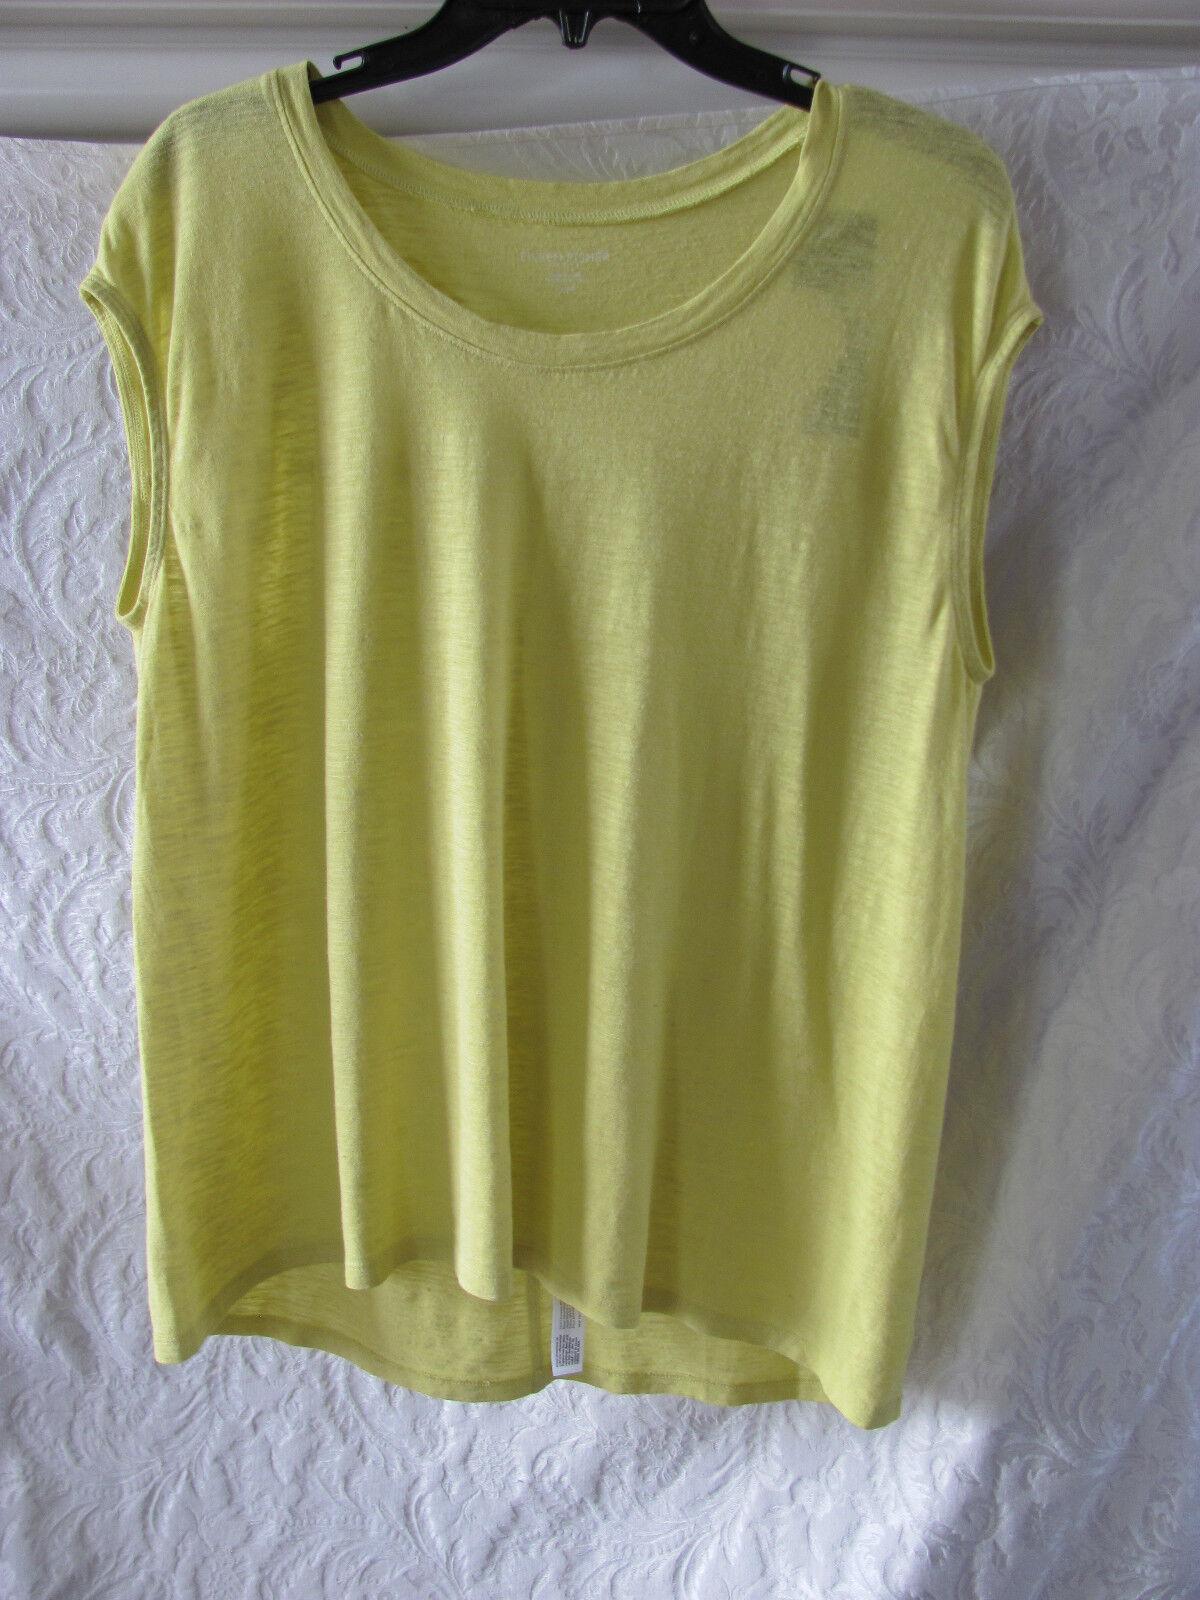 Eileen Fisher Hemp Organic Cotton Scoop Neck Top -Honeydew-Größe PS -NWT